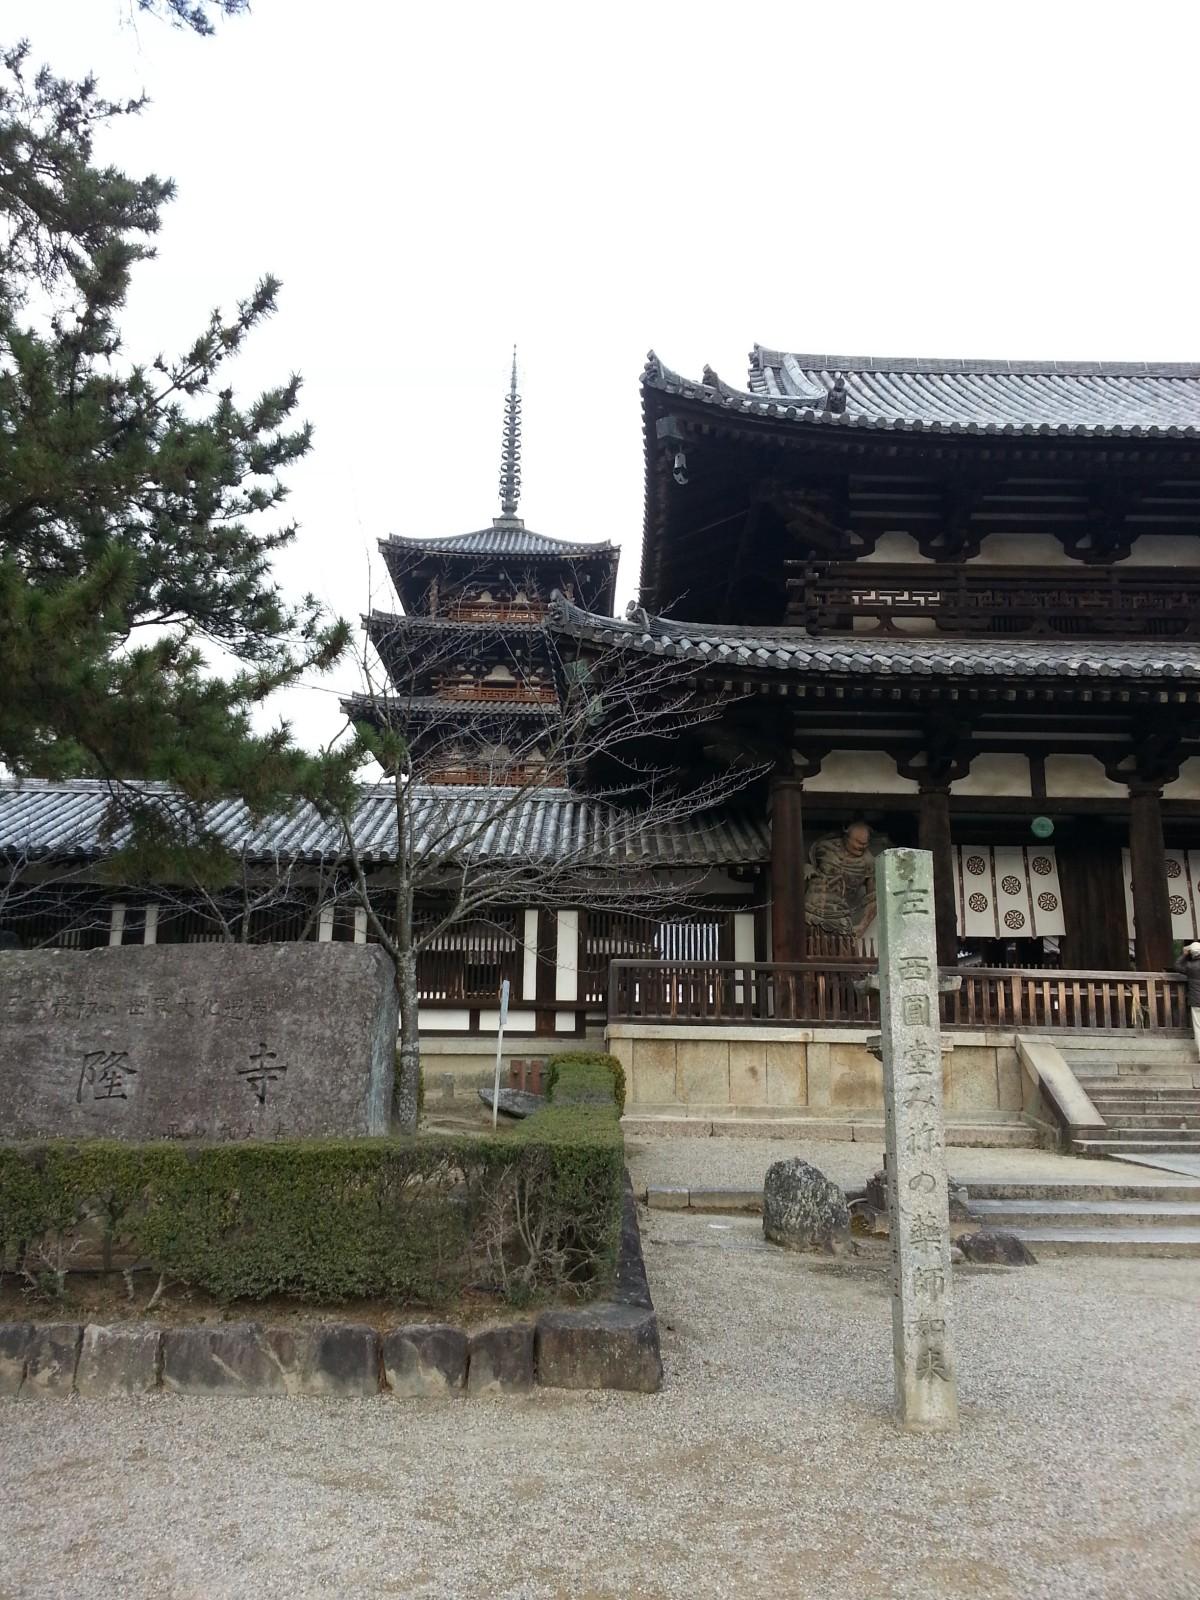 Nara: Horyuji' sTemples